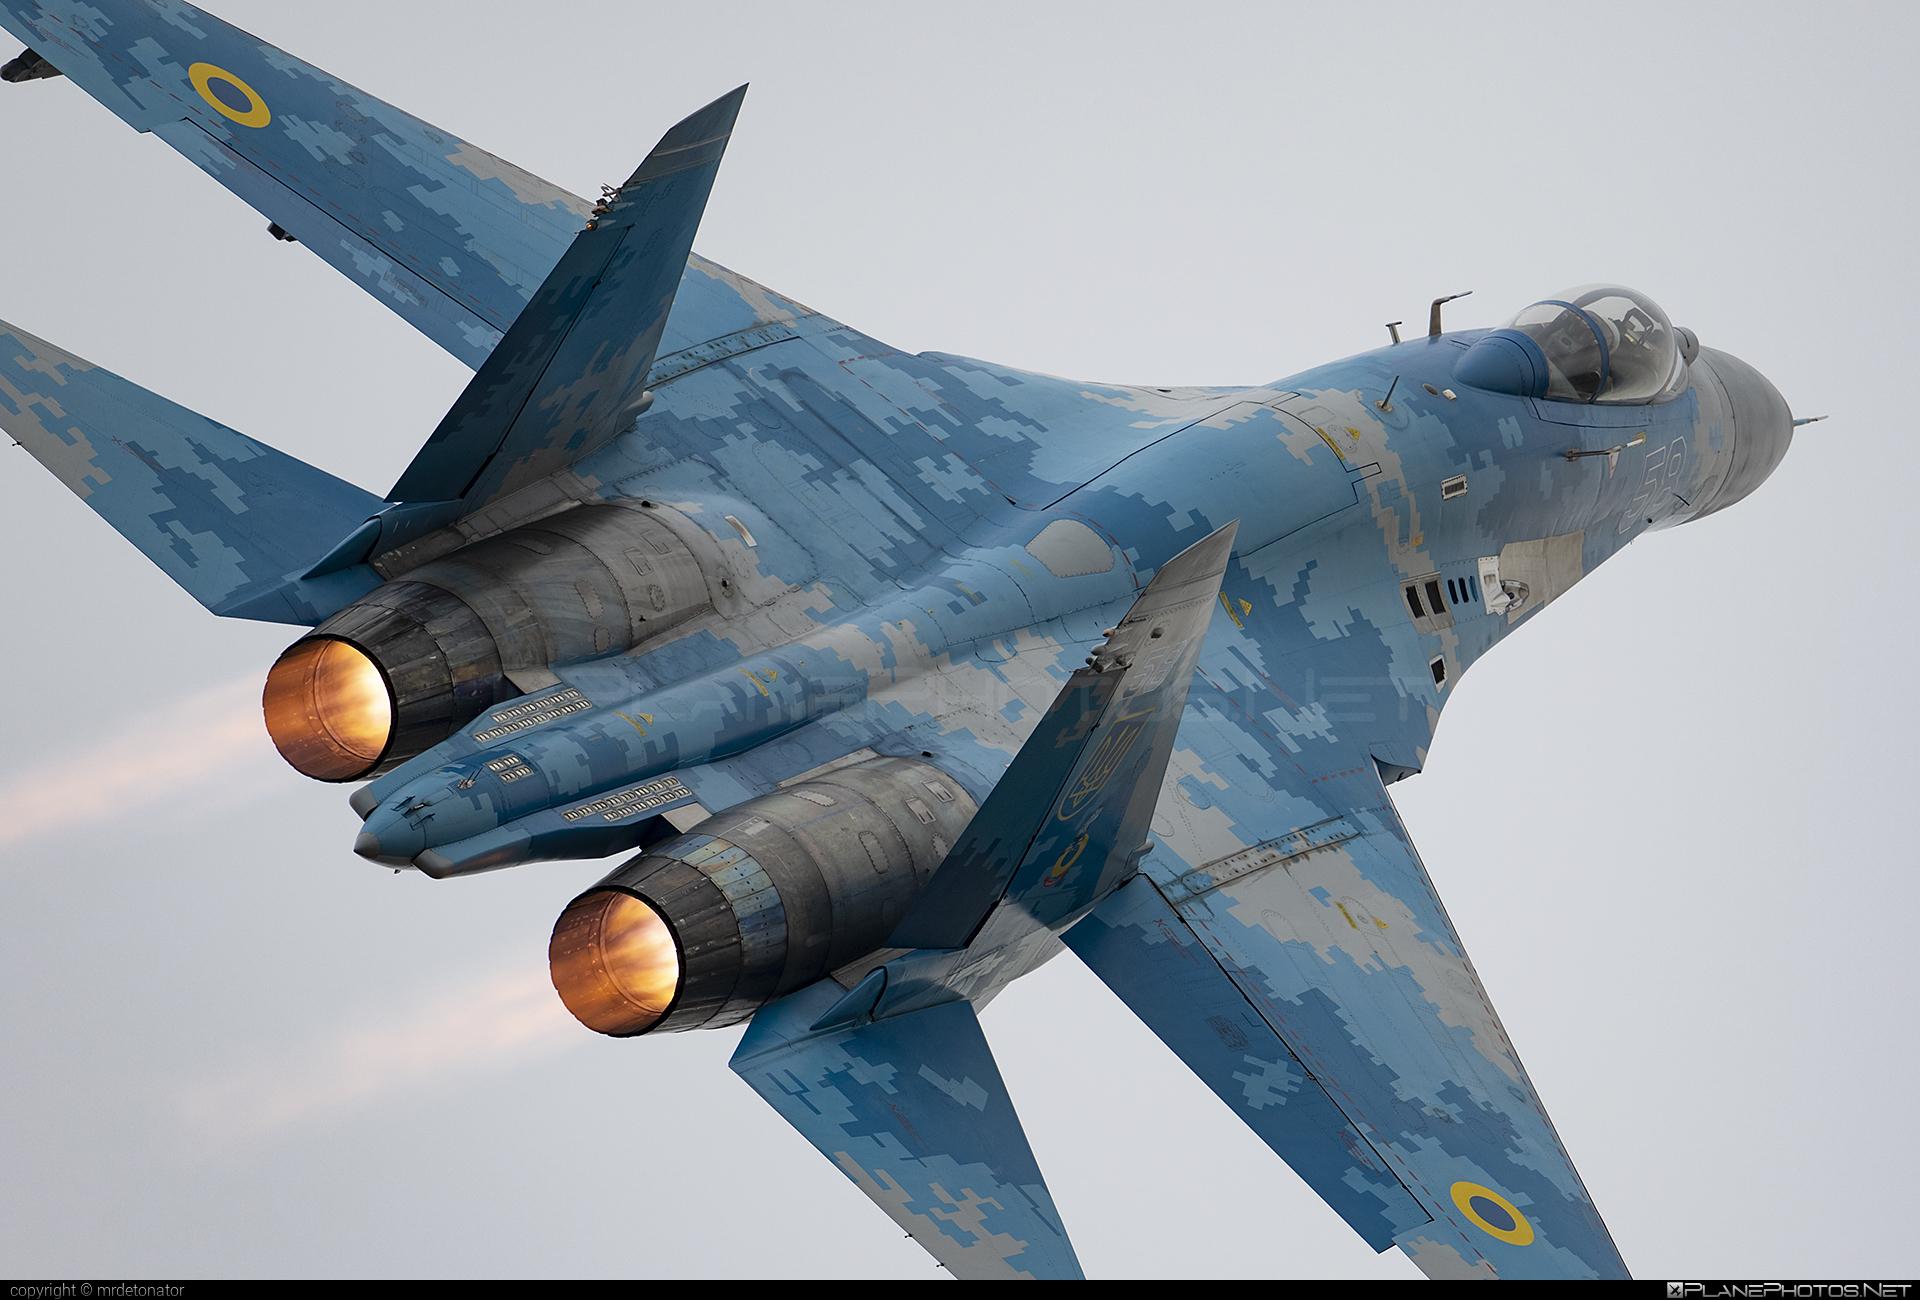 Sukhoi Su-27P - 58 operated by Povitryani Syly Ukrayiny (Ukrainian Air Force) #ciaf2018 #povitryanisylyukrayiny #su27 #su27p #sukhoi #sukhoi27 #ukrainianairforce